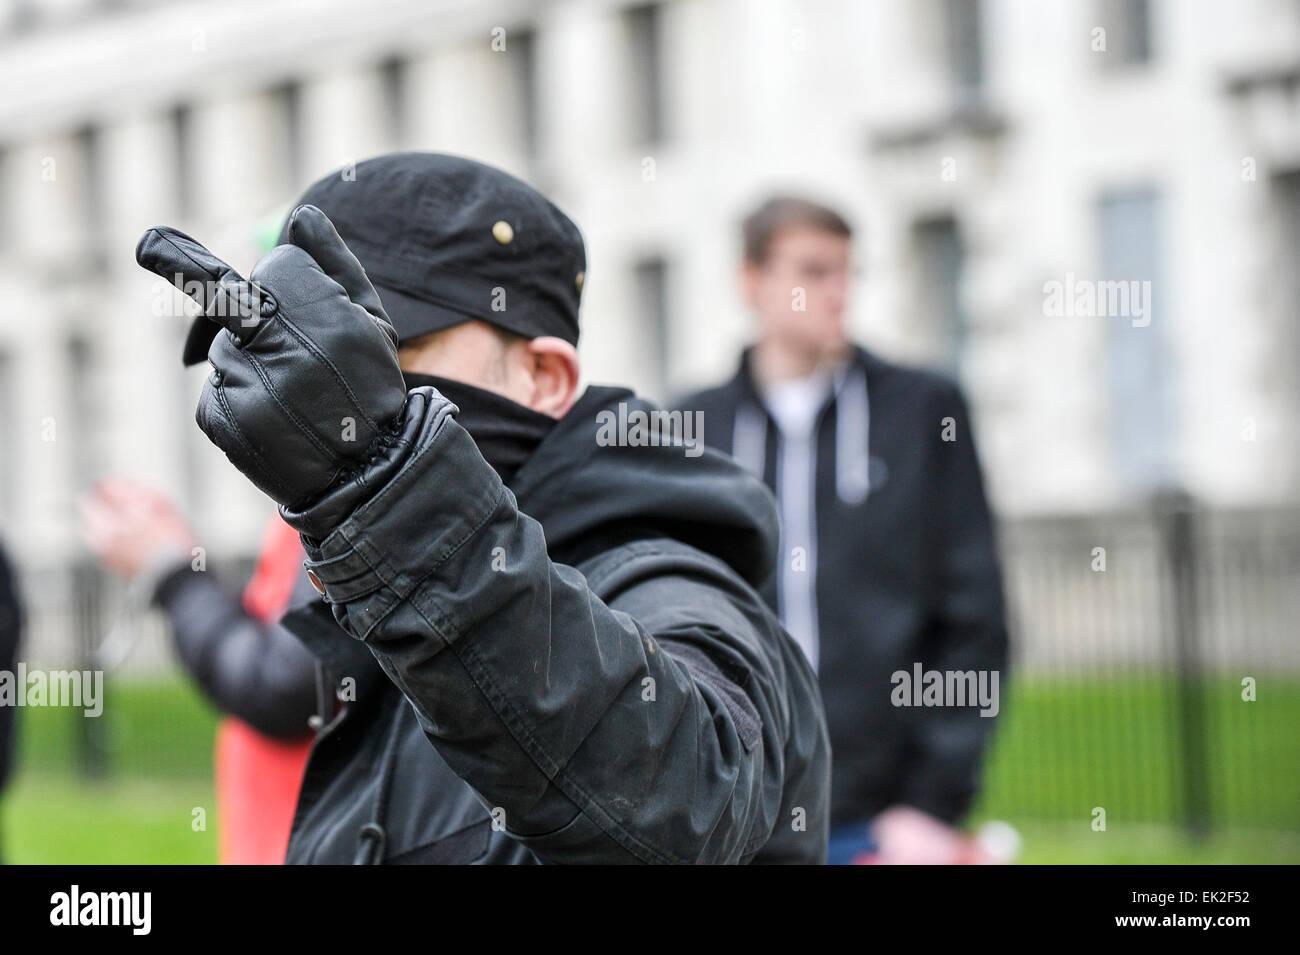 Antifascistas mostrando su desprecio durante una manifestación contra Pergida en Whitehall. Imagen De Stock